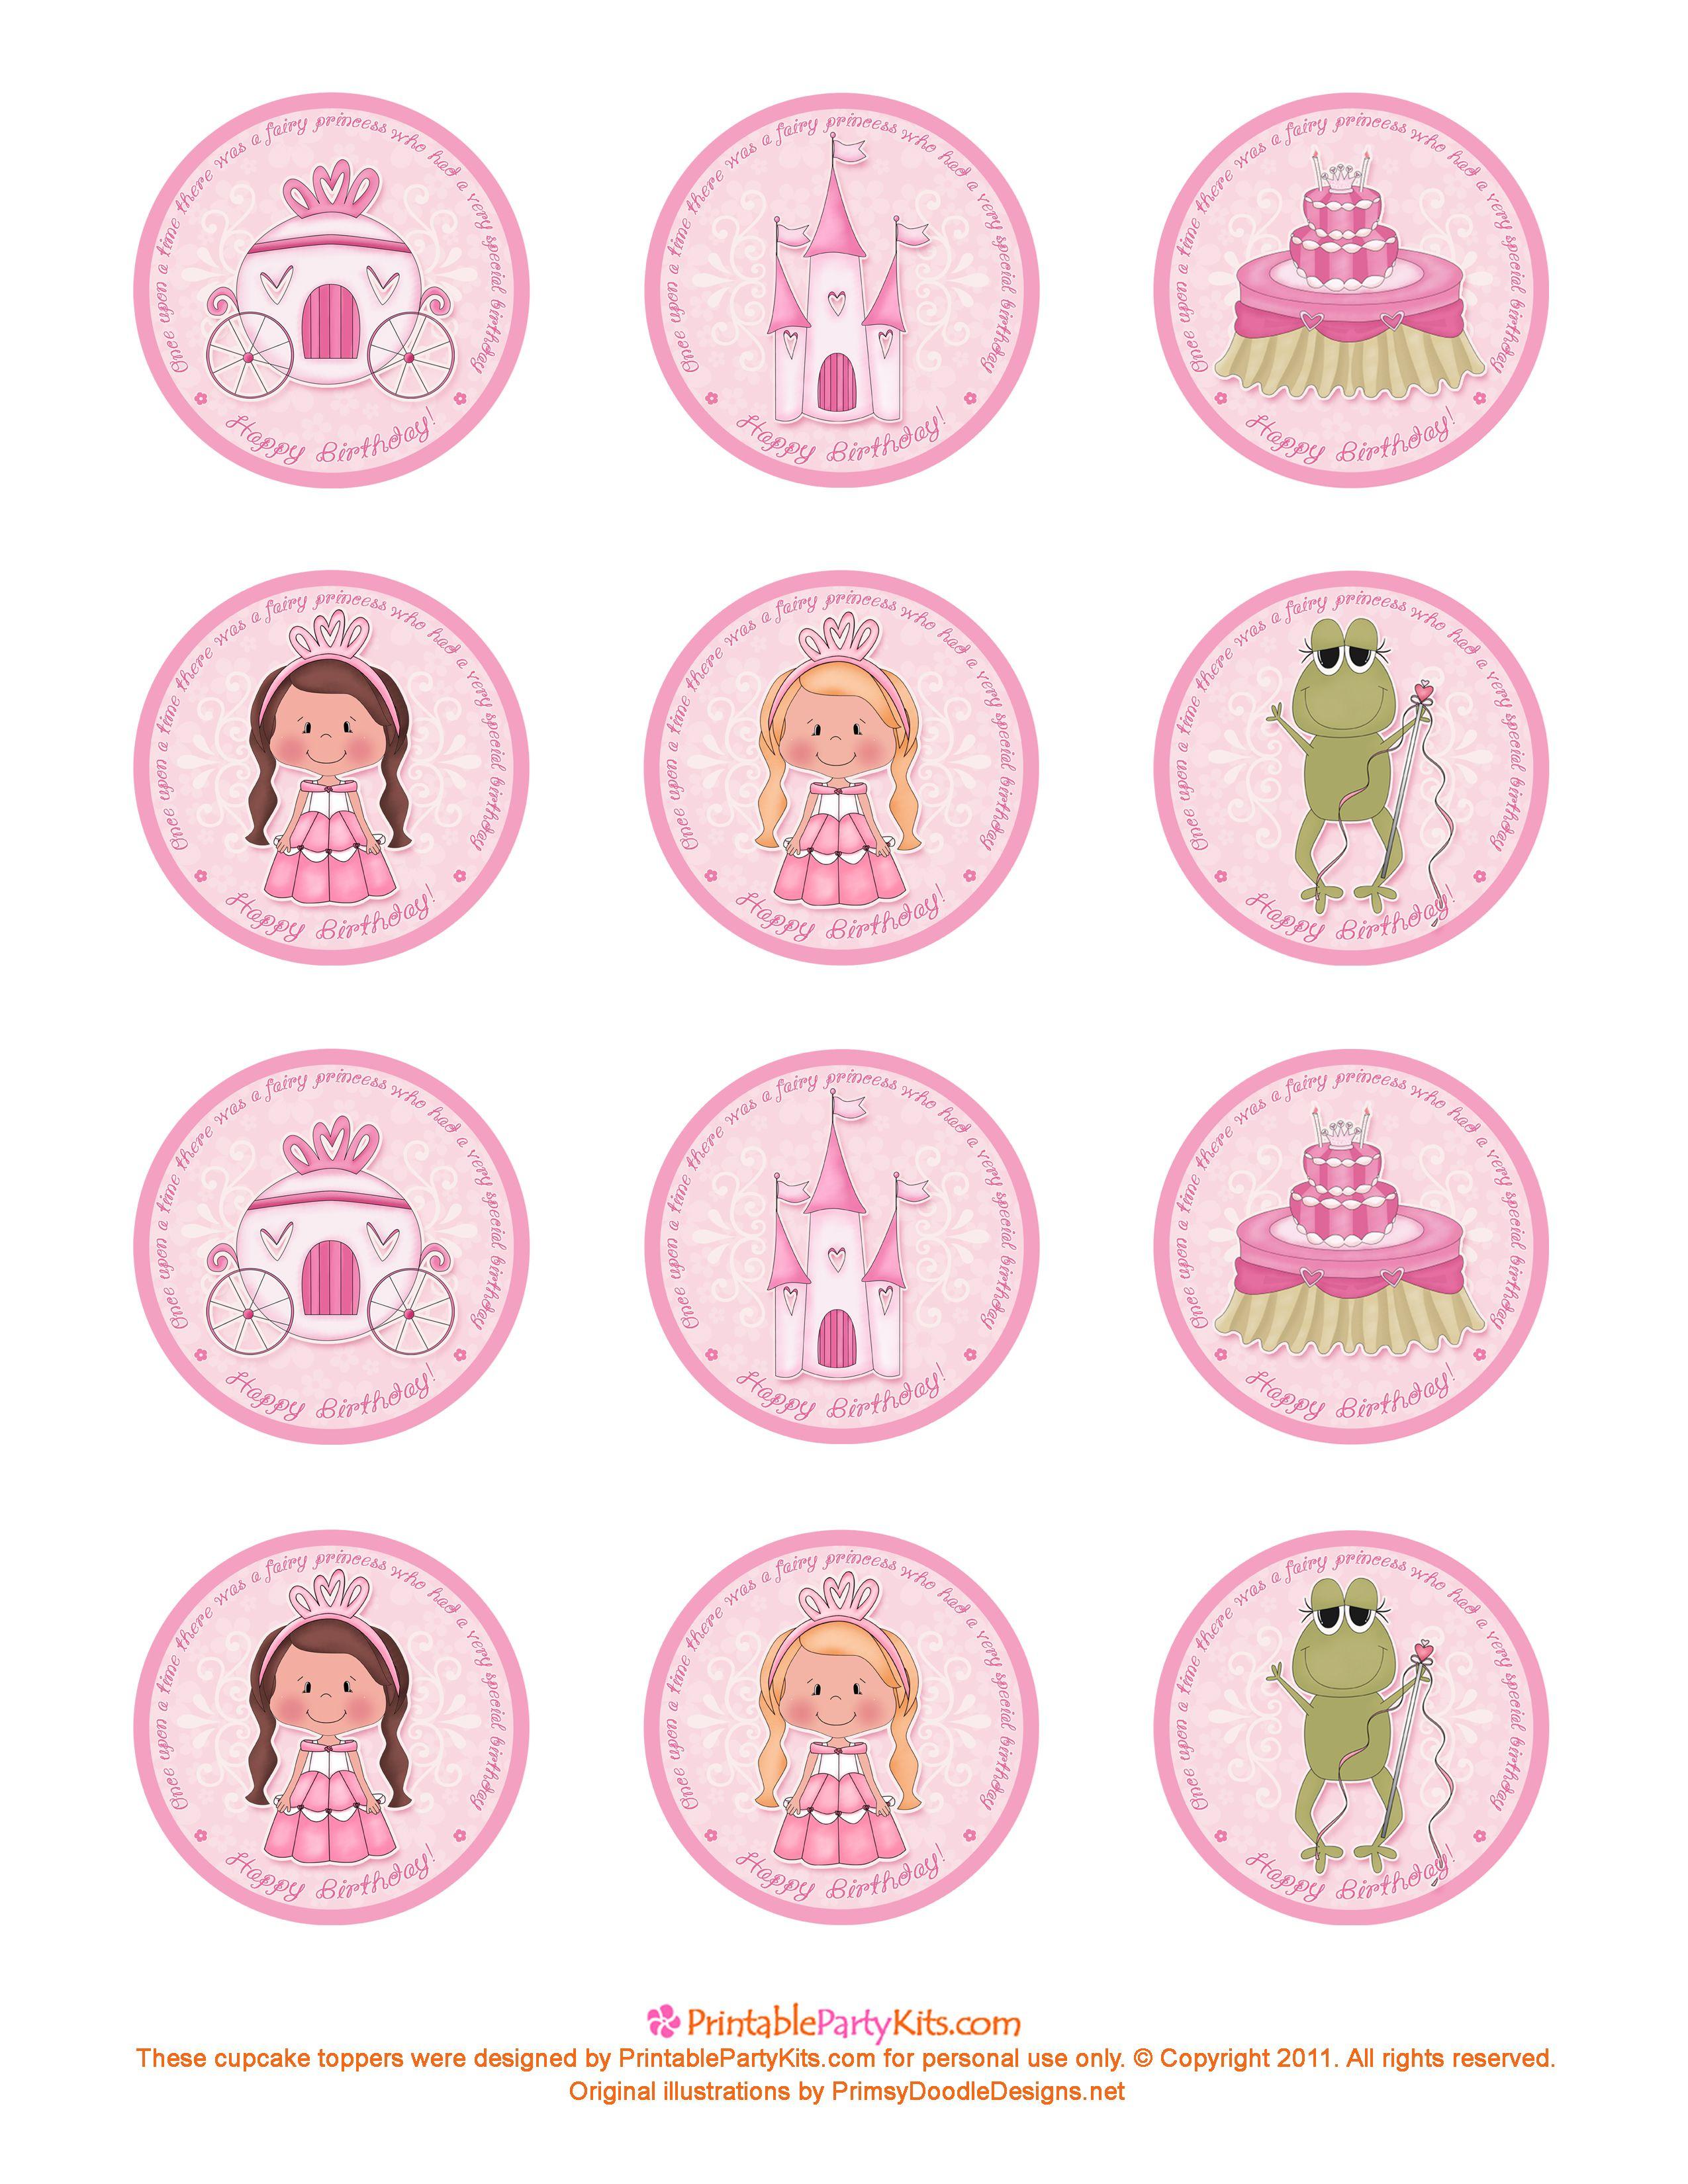 Free Printable Princess Birthday Cupcake Toppers   Printable Party - Free Printable Barbie Cupcake Toppers